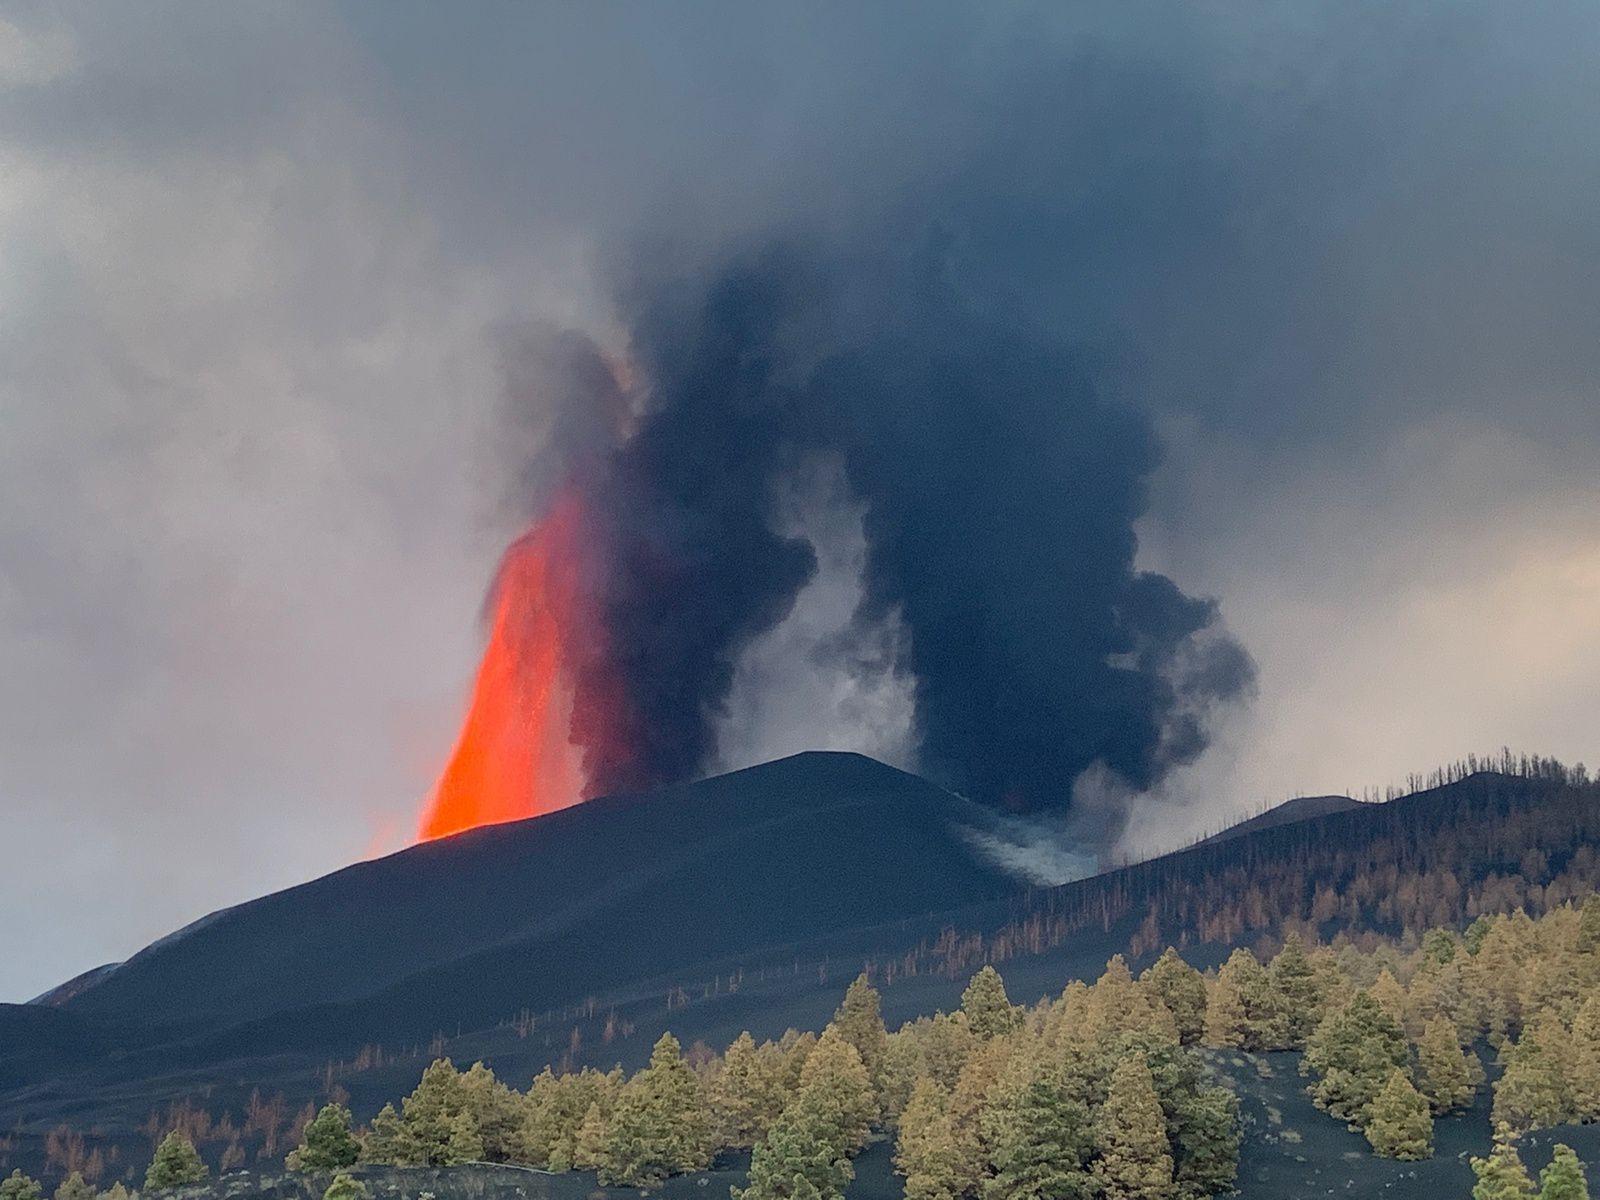 La Palma / Cumbre Vieja - activité de fountaining au 11.10.2021 - Doc. LMU_Volc